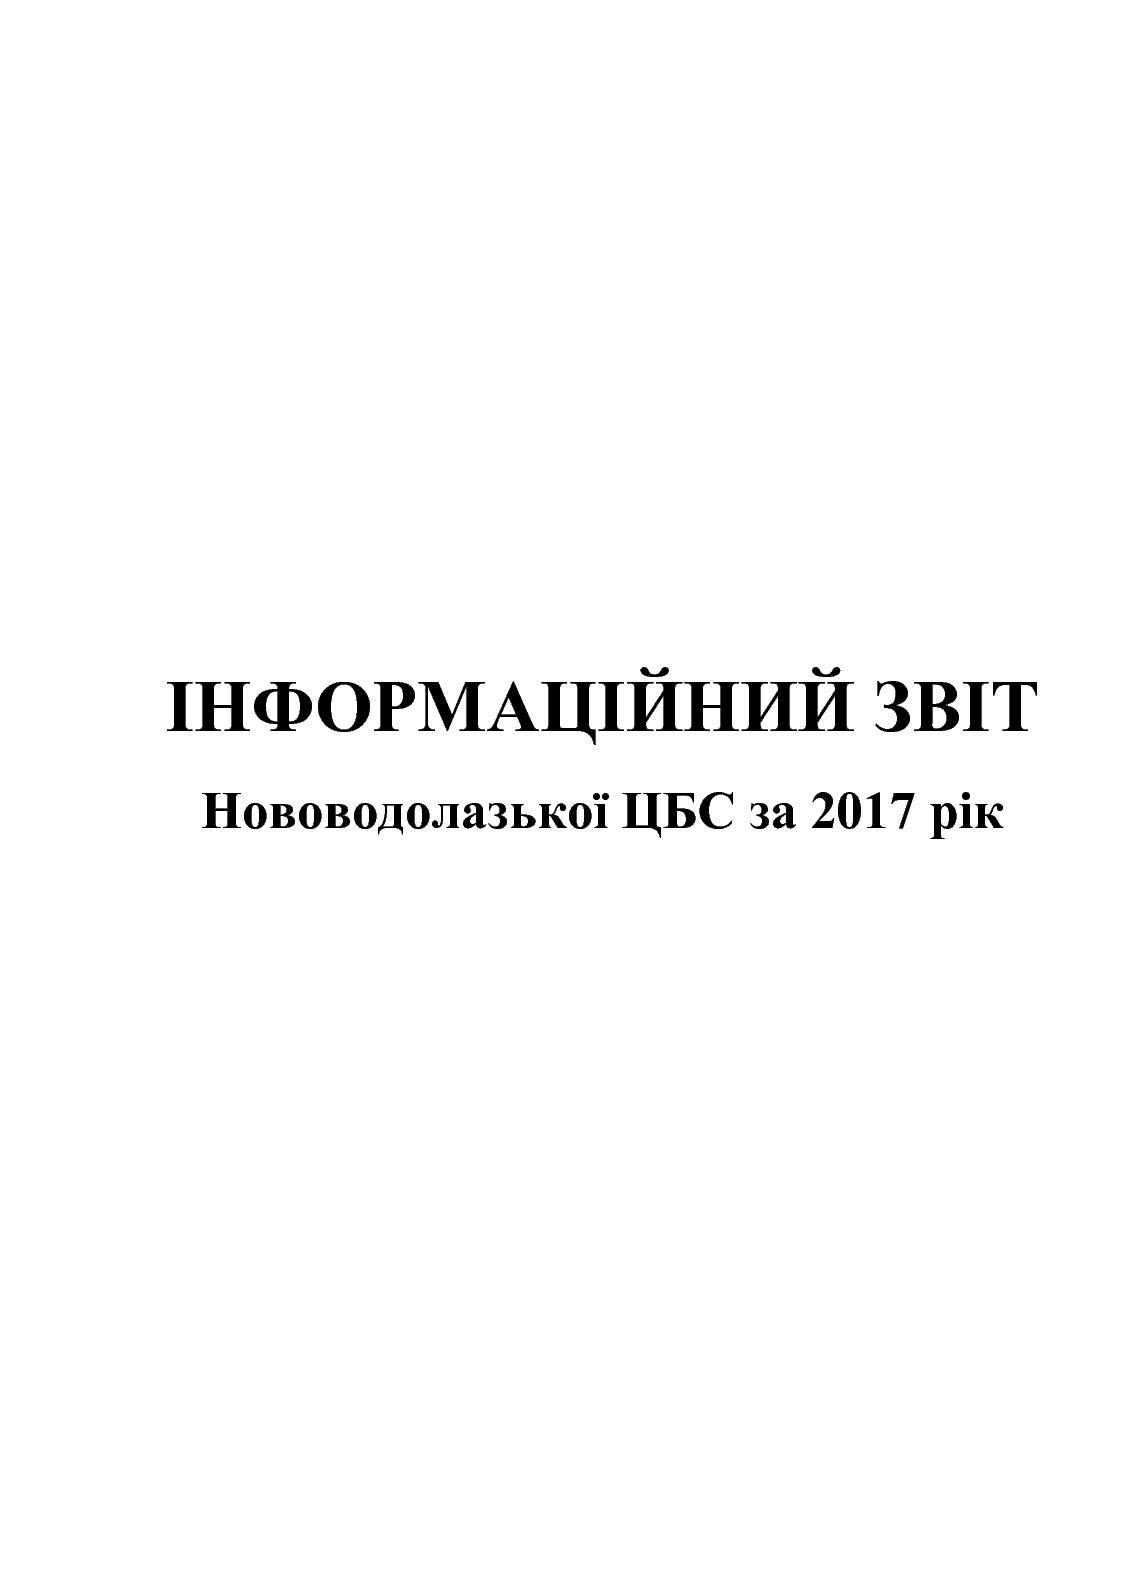 Інформаційний звіт Нововодолазької ЦБС за 2017 рік